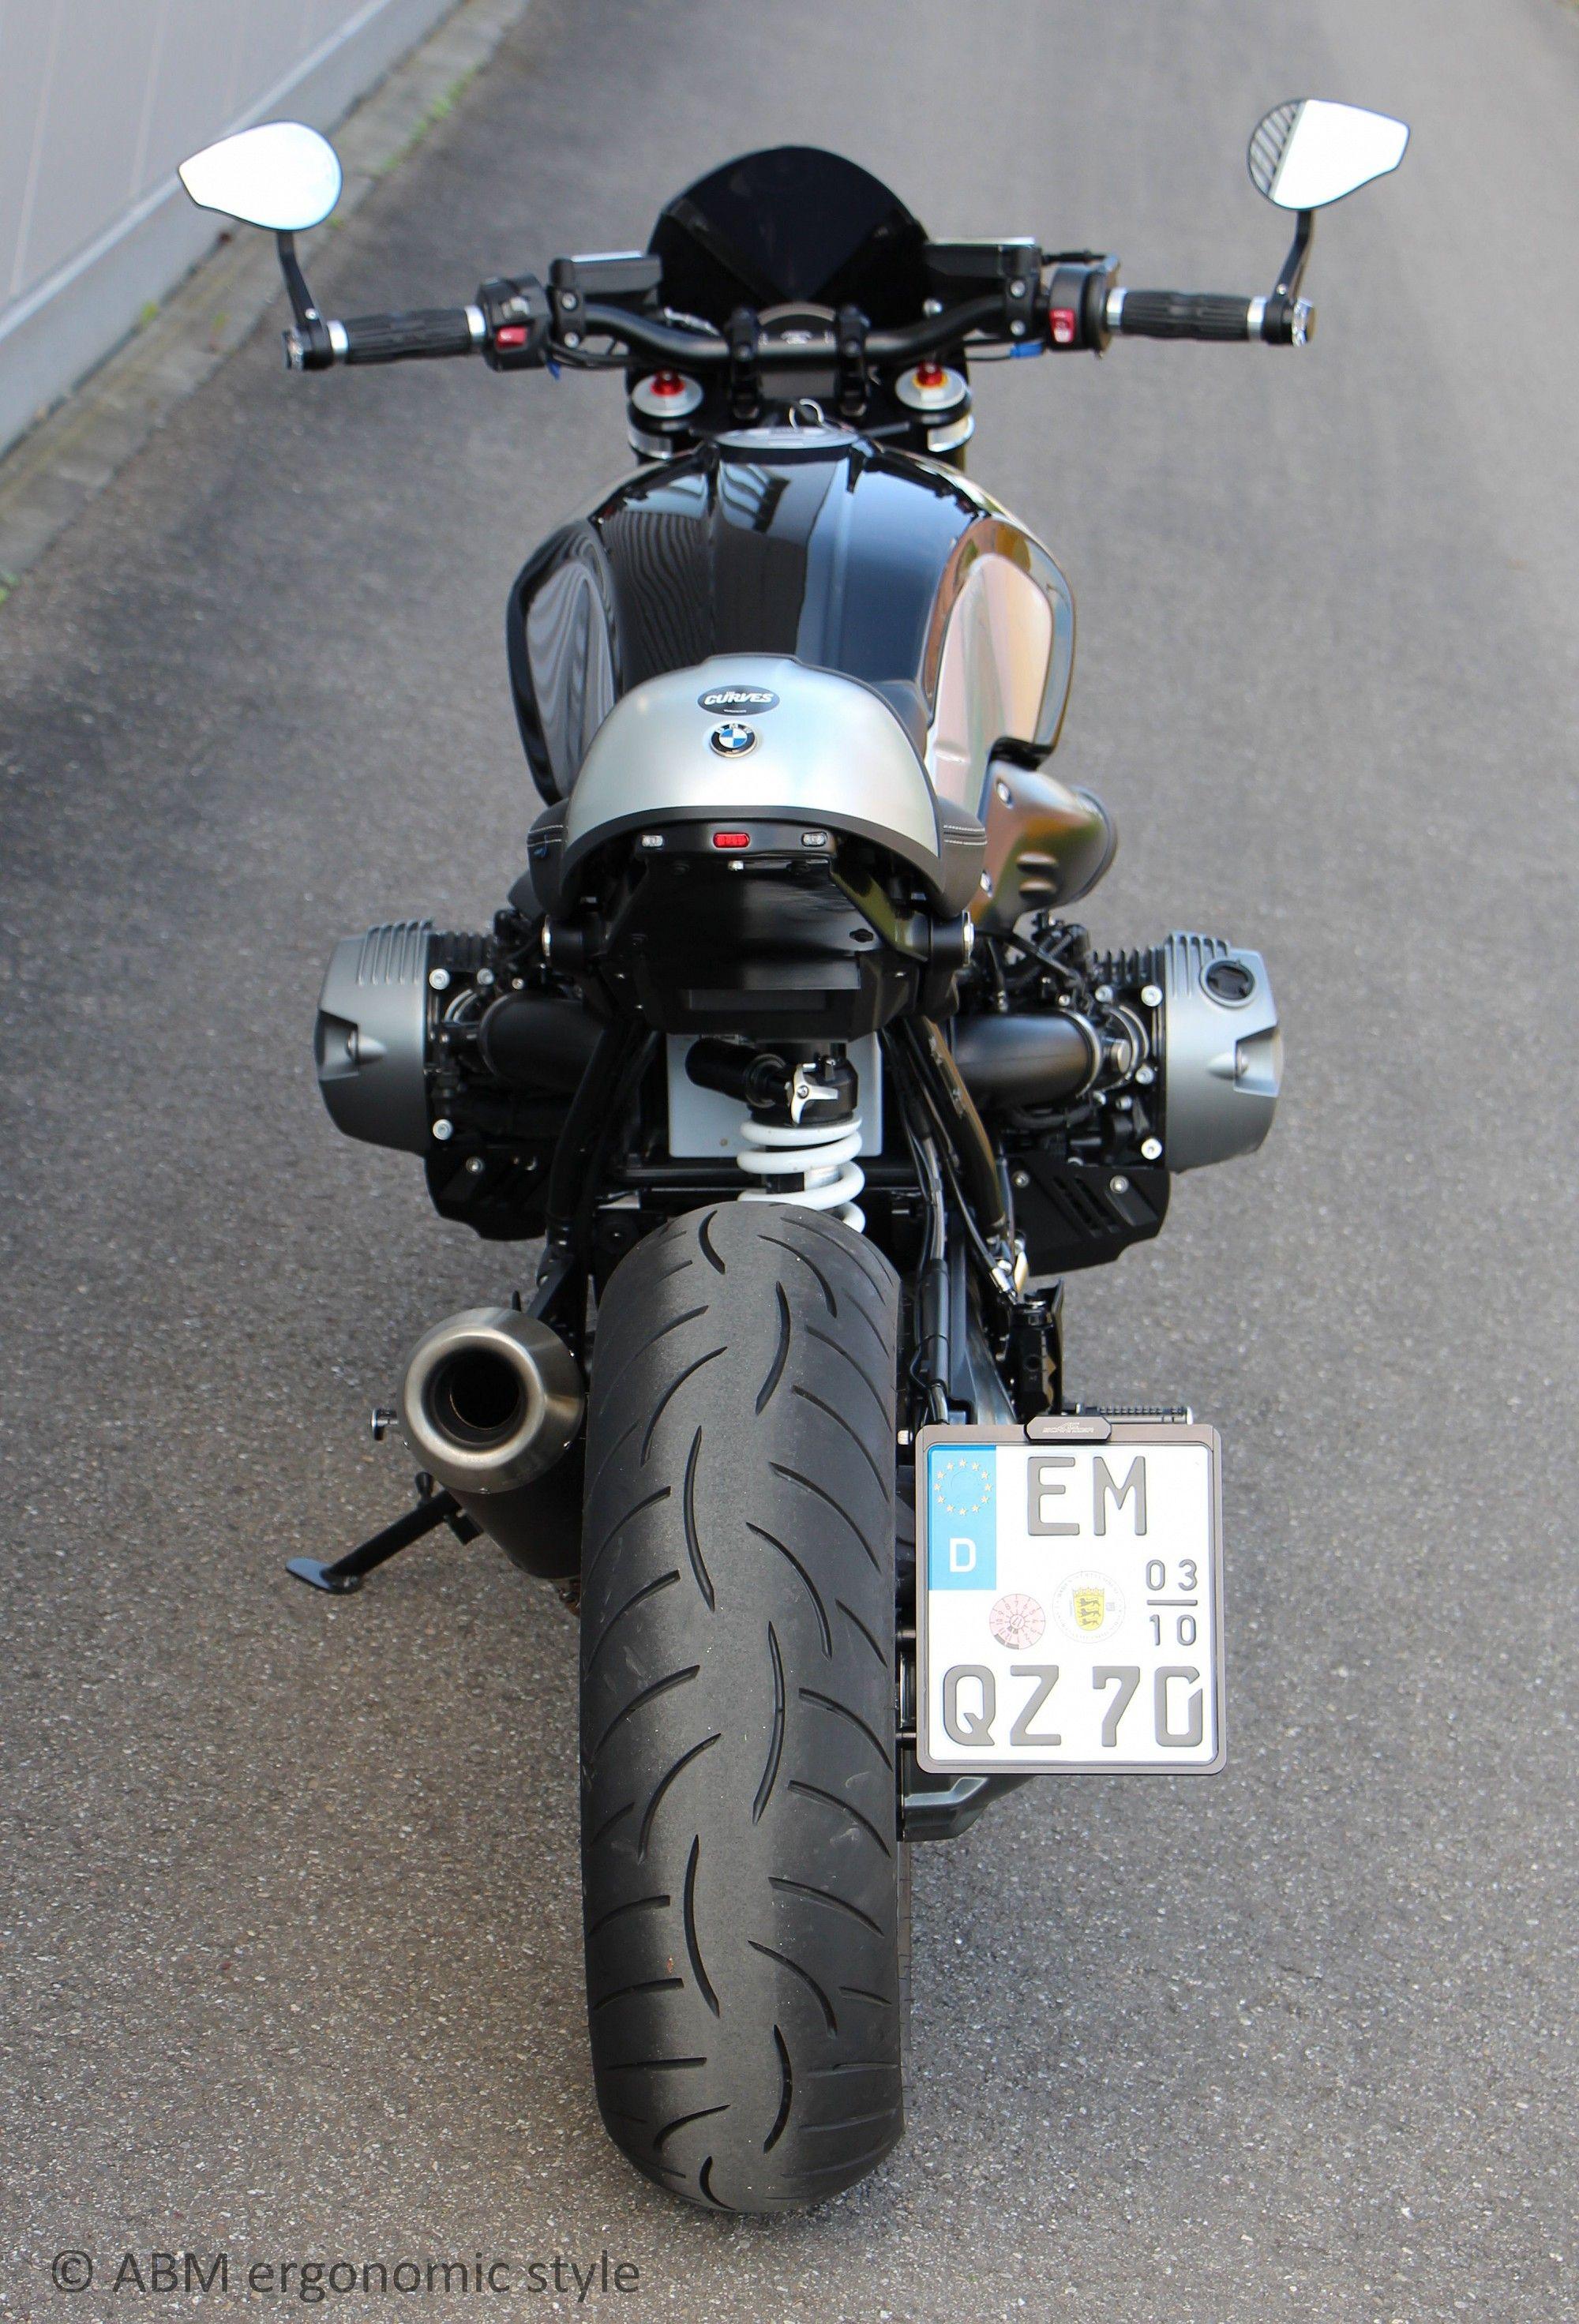 Motorrad Zubehör online kaufen  Showroom vom dt. Hersteller ABM